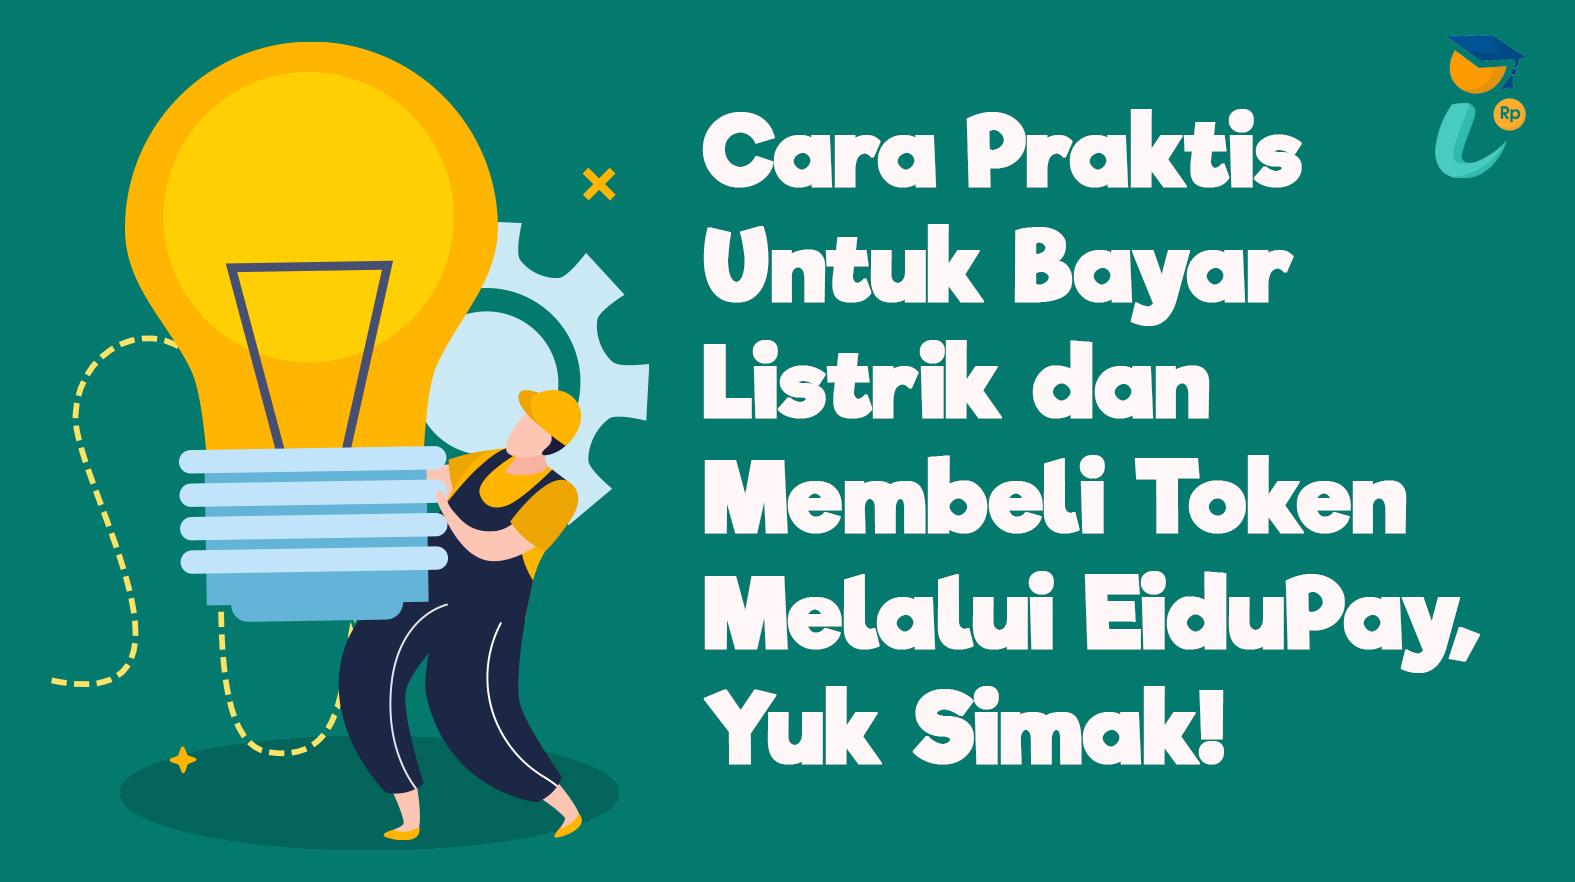 Cara Praktis Untuk Bayar Listrik dan Membeli Token Melalui EiduPay, Yuk Simak!